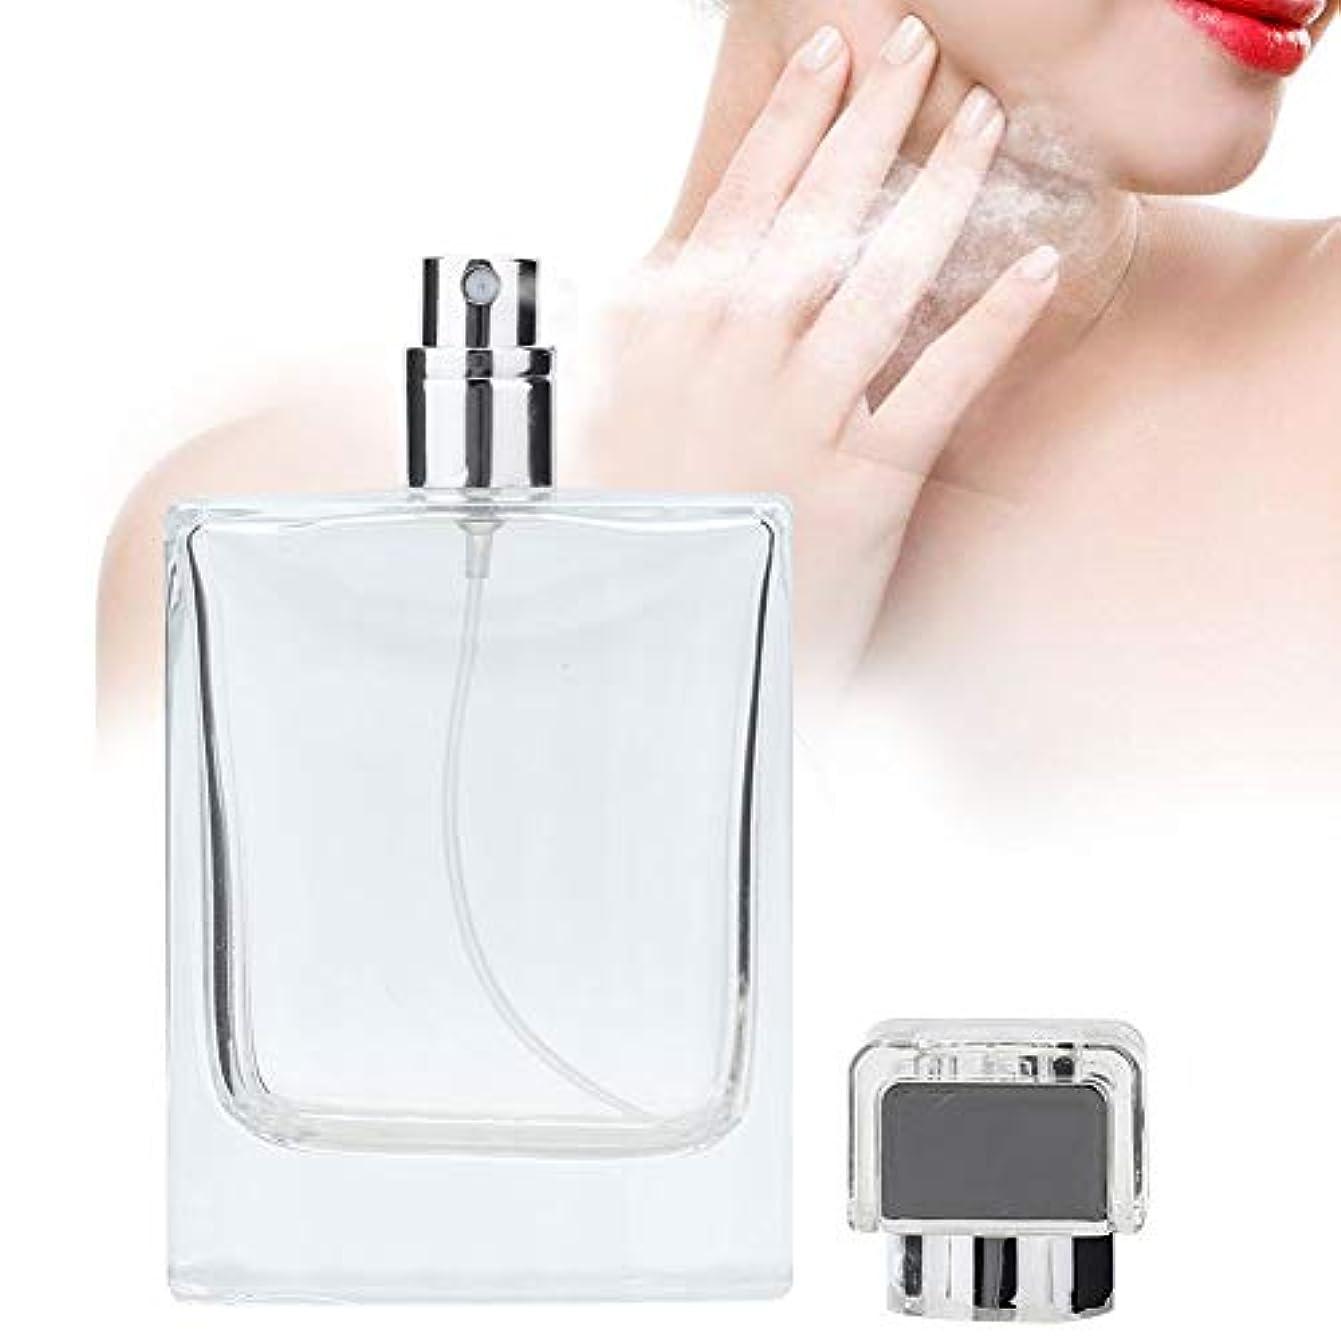 ローブカナダ等アトマイザー 100 ML ガラス 詰め替え 香水スプレーボトル 空の香水 ディスペンサーボトル